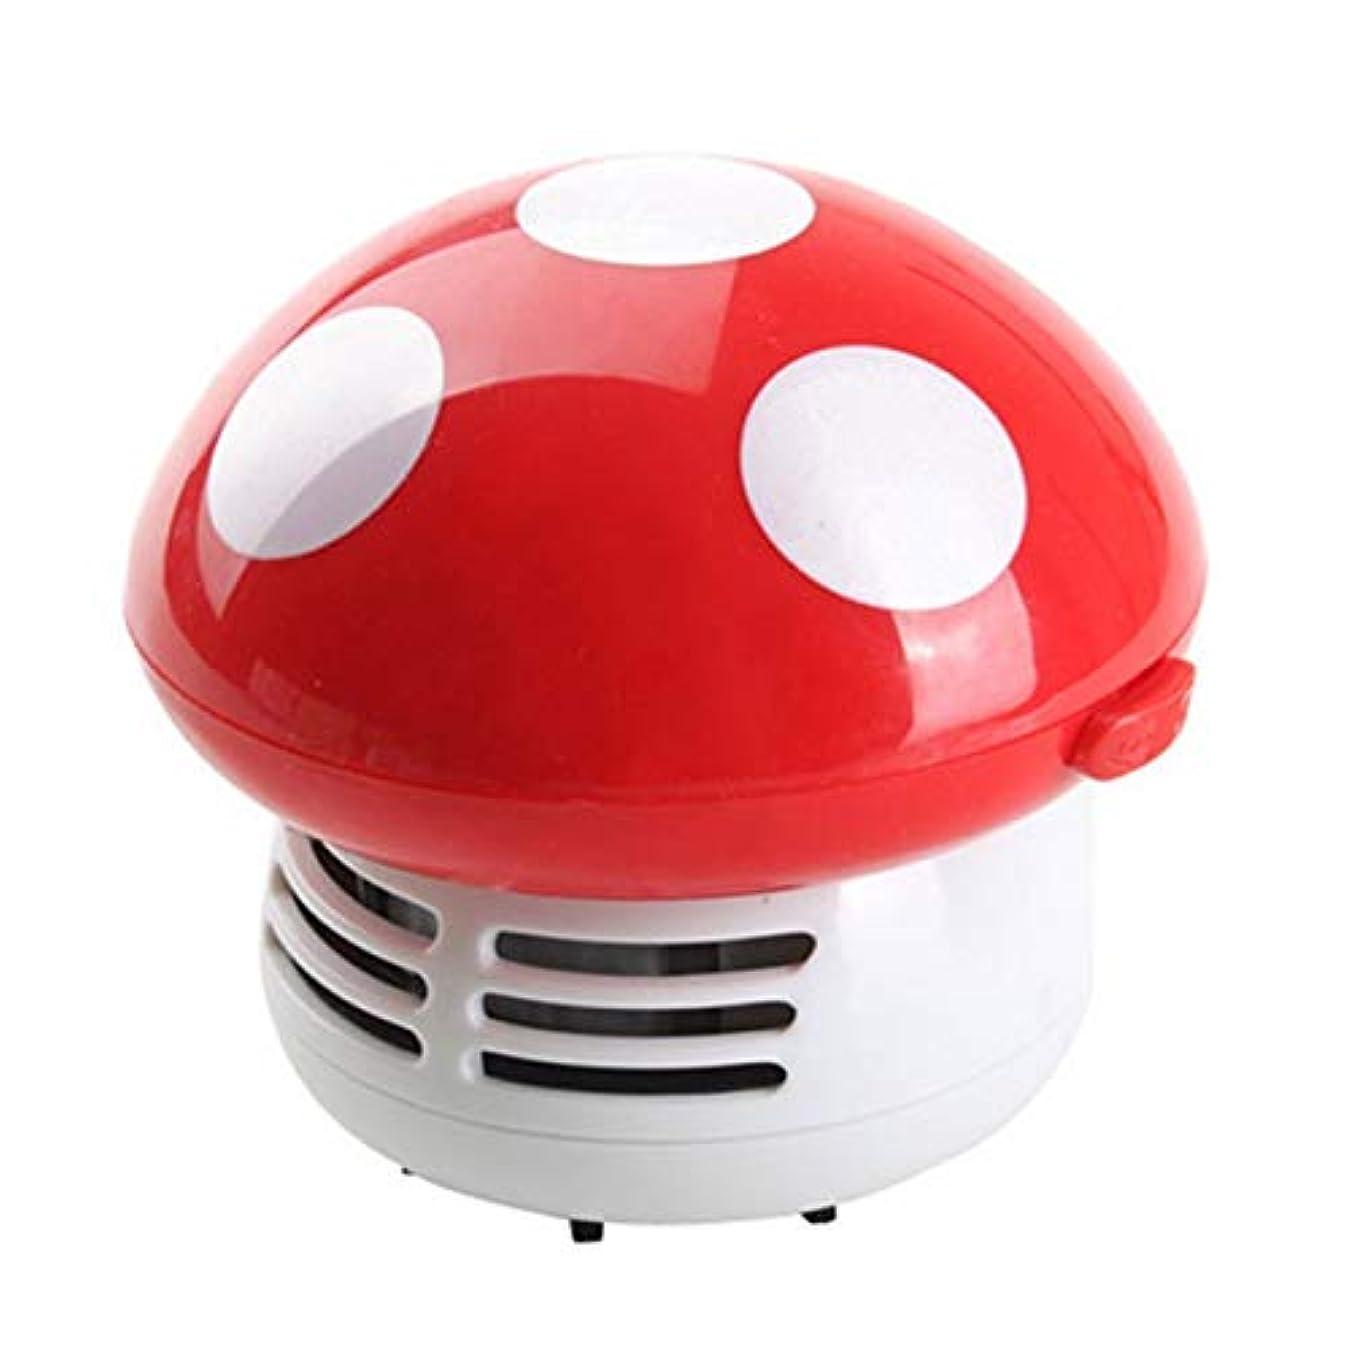 ばかげた自己尊重気分が良いSaikogoods ミニ きのこ デスククリーナー 掃除機 カー家庭用コンピュータのためのかわいい コーナーデスクテーブルクリーナー 集塵機 スイーパー 赤